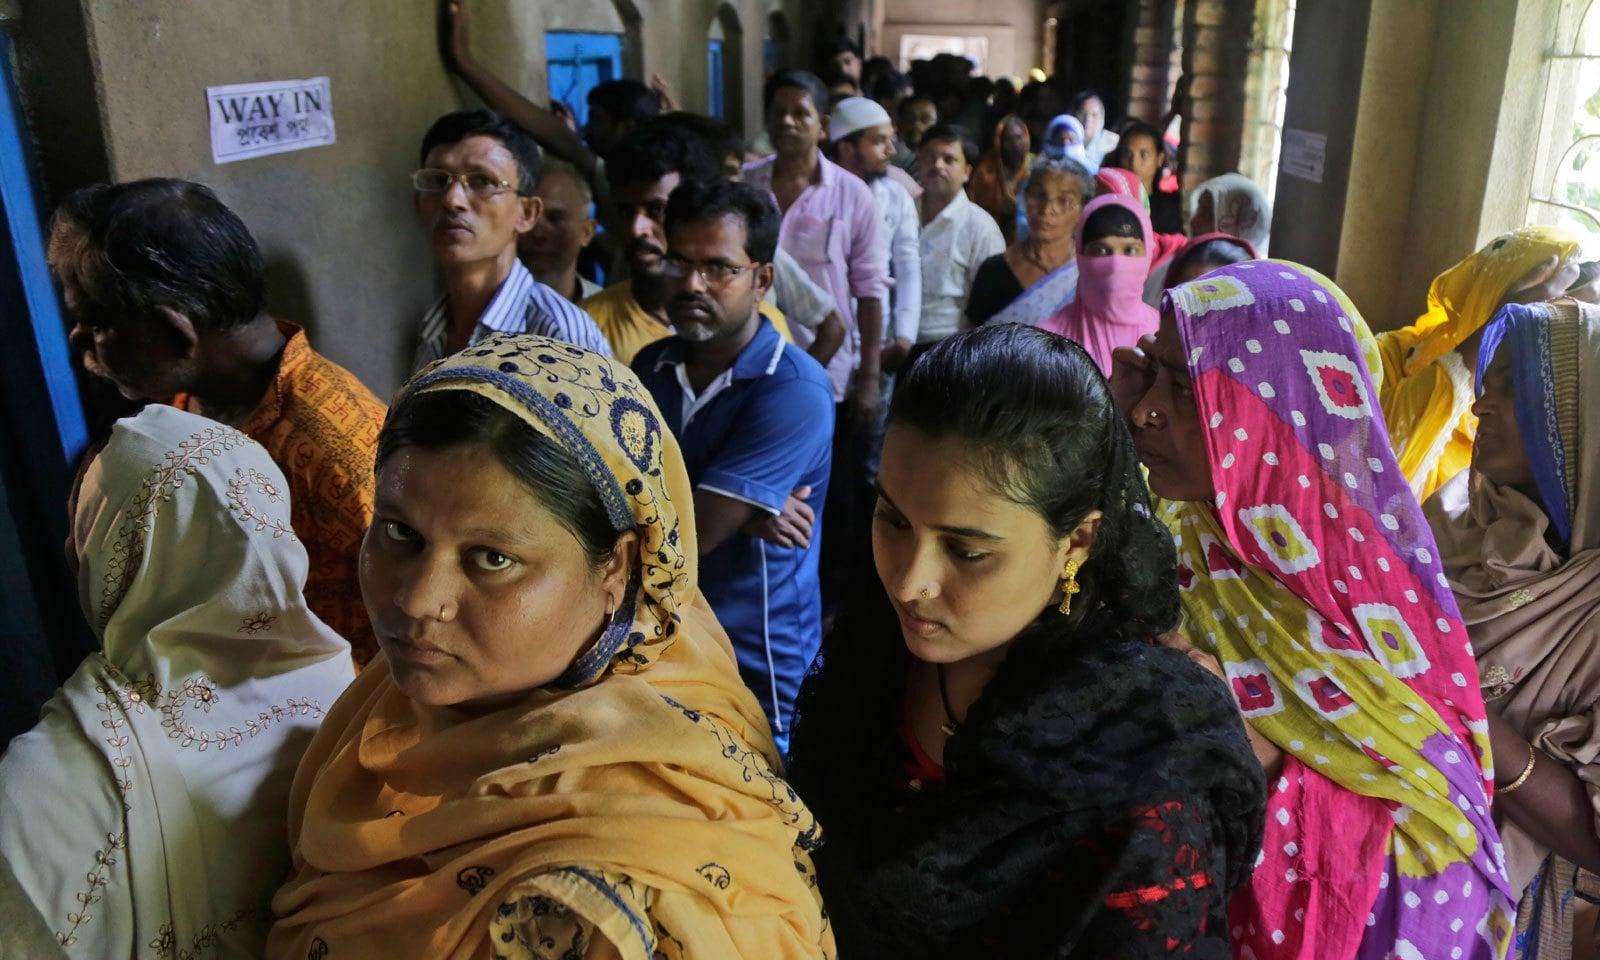 جے پور میں خواتین کی بڑی تعداد نے ووٹ کاسٹ کیا — فوٹو: اے پی